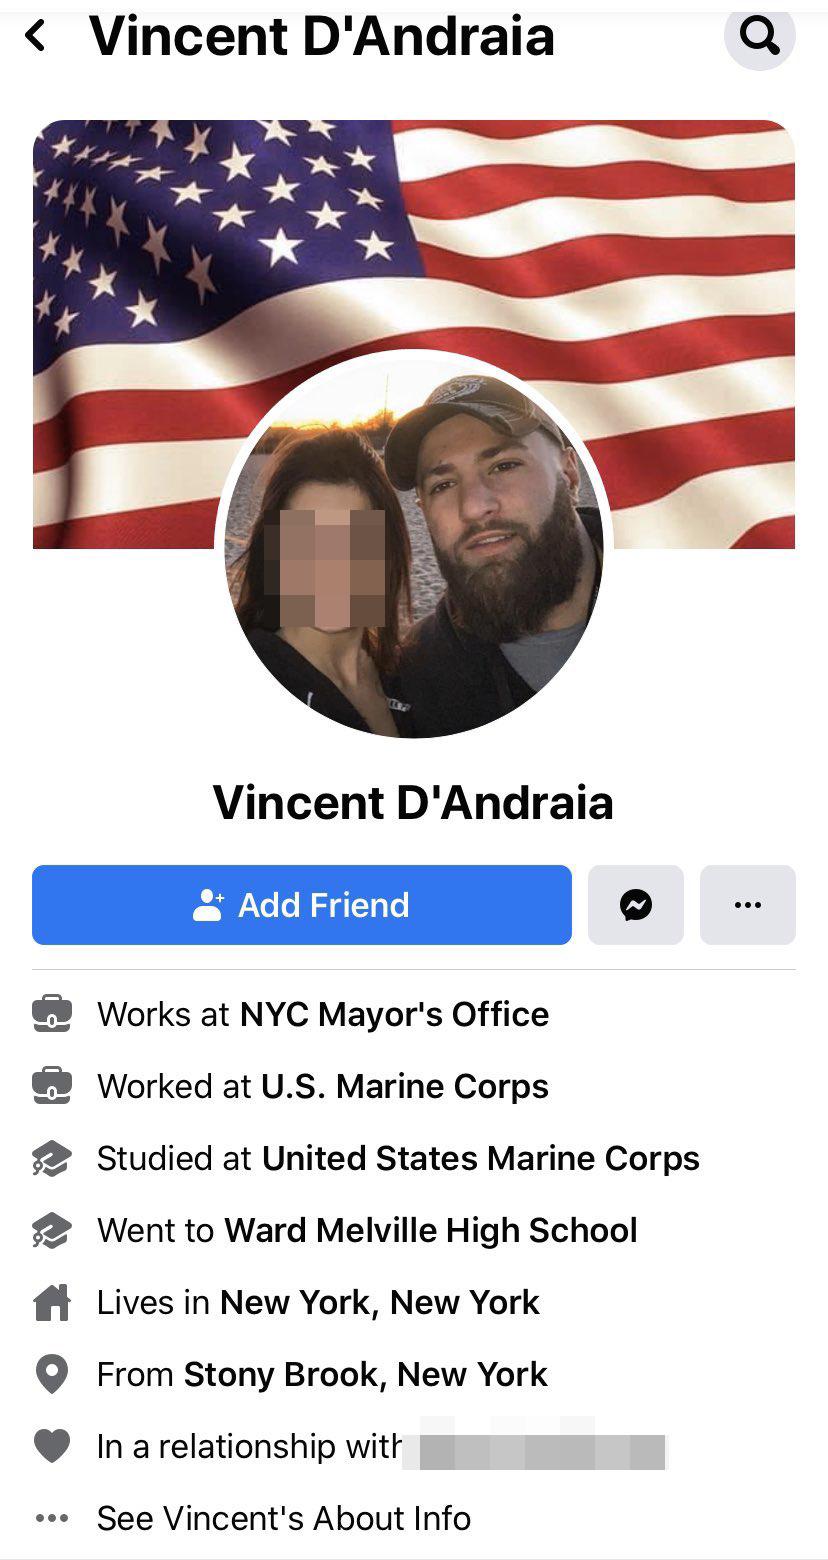 Vincent D'Andraia Facebook